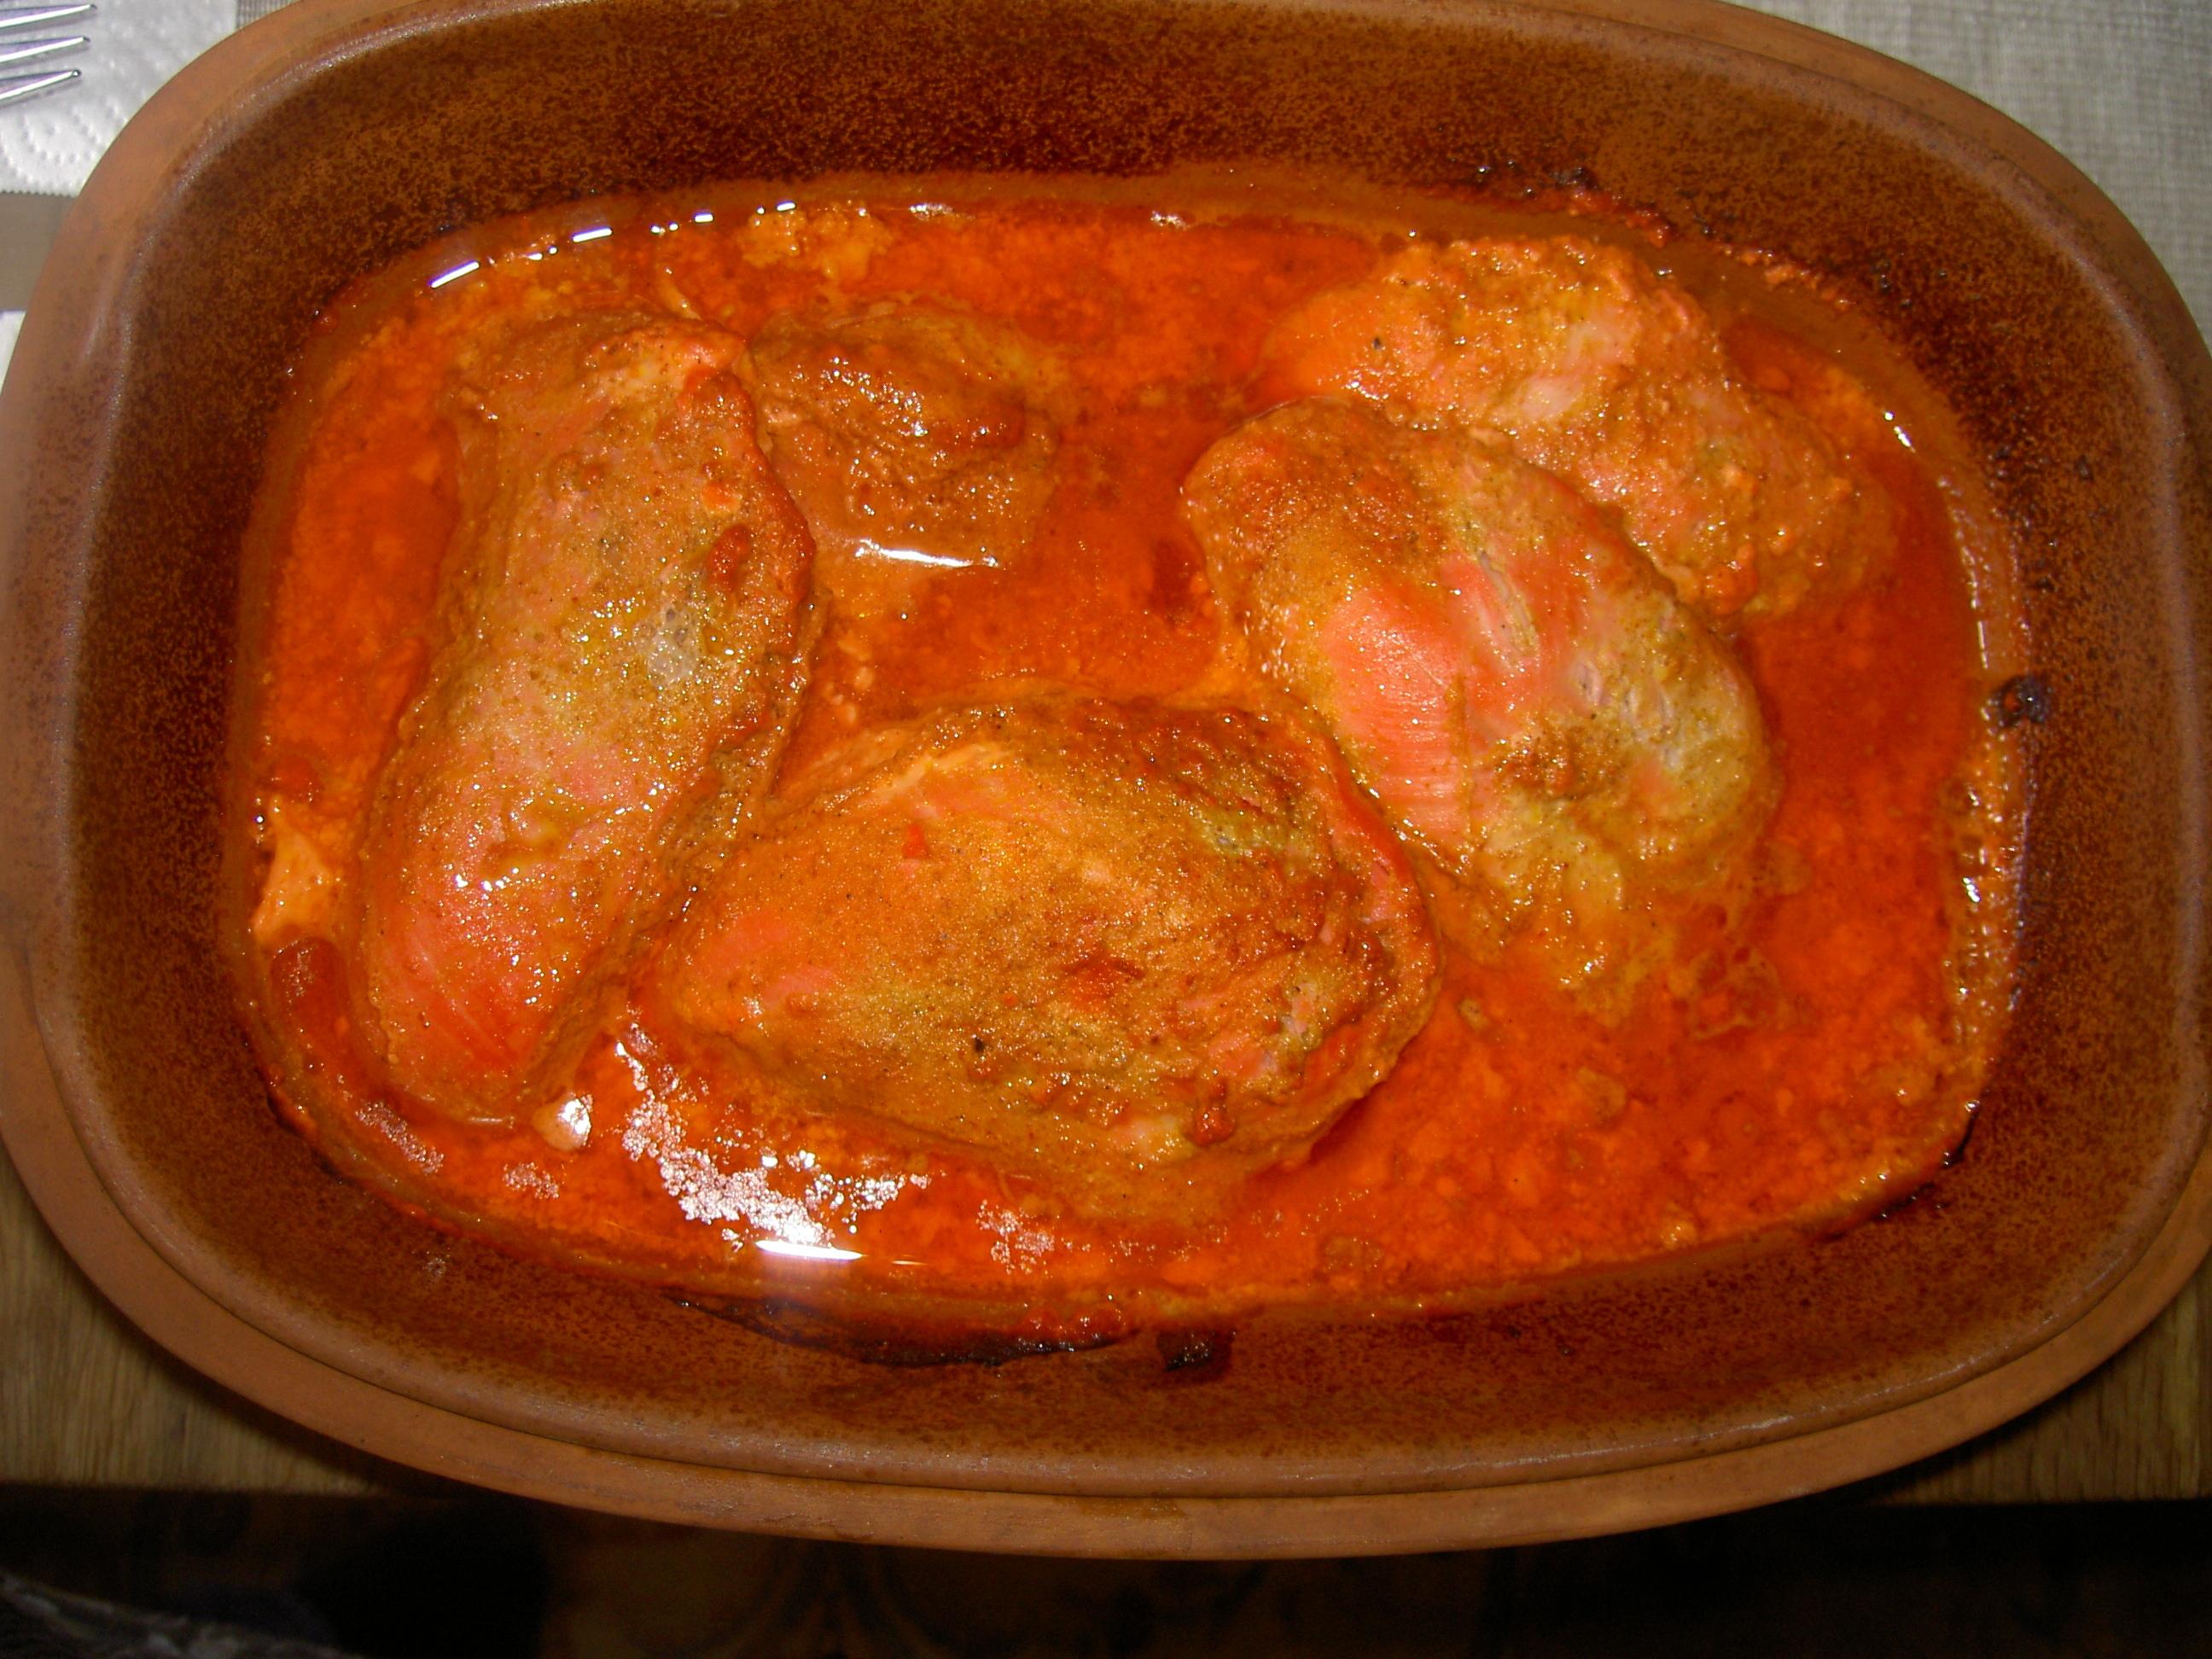 tandoorikyckling marinad